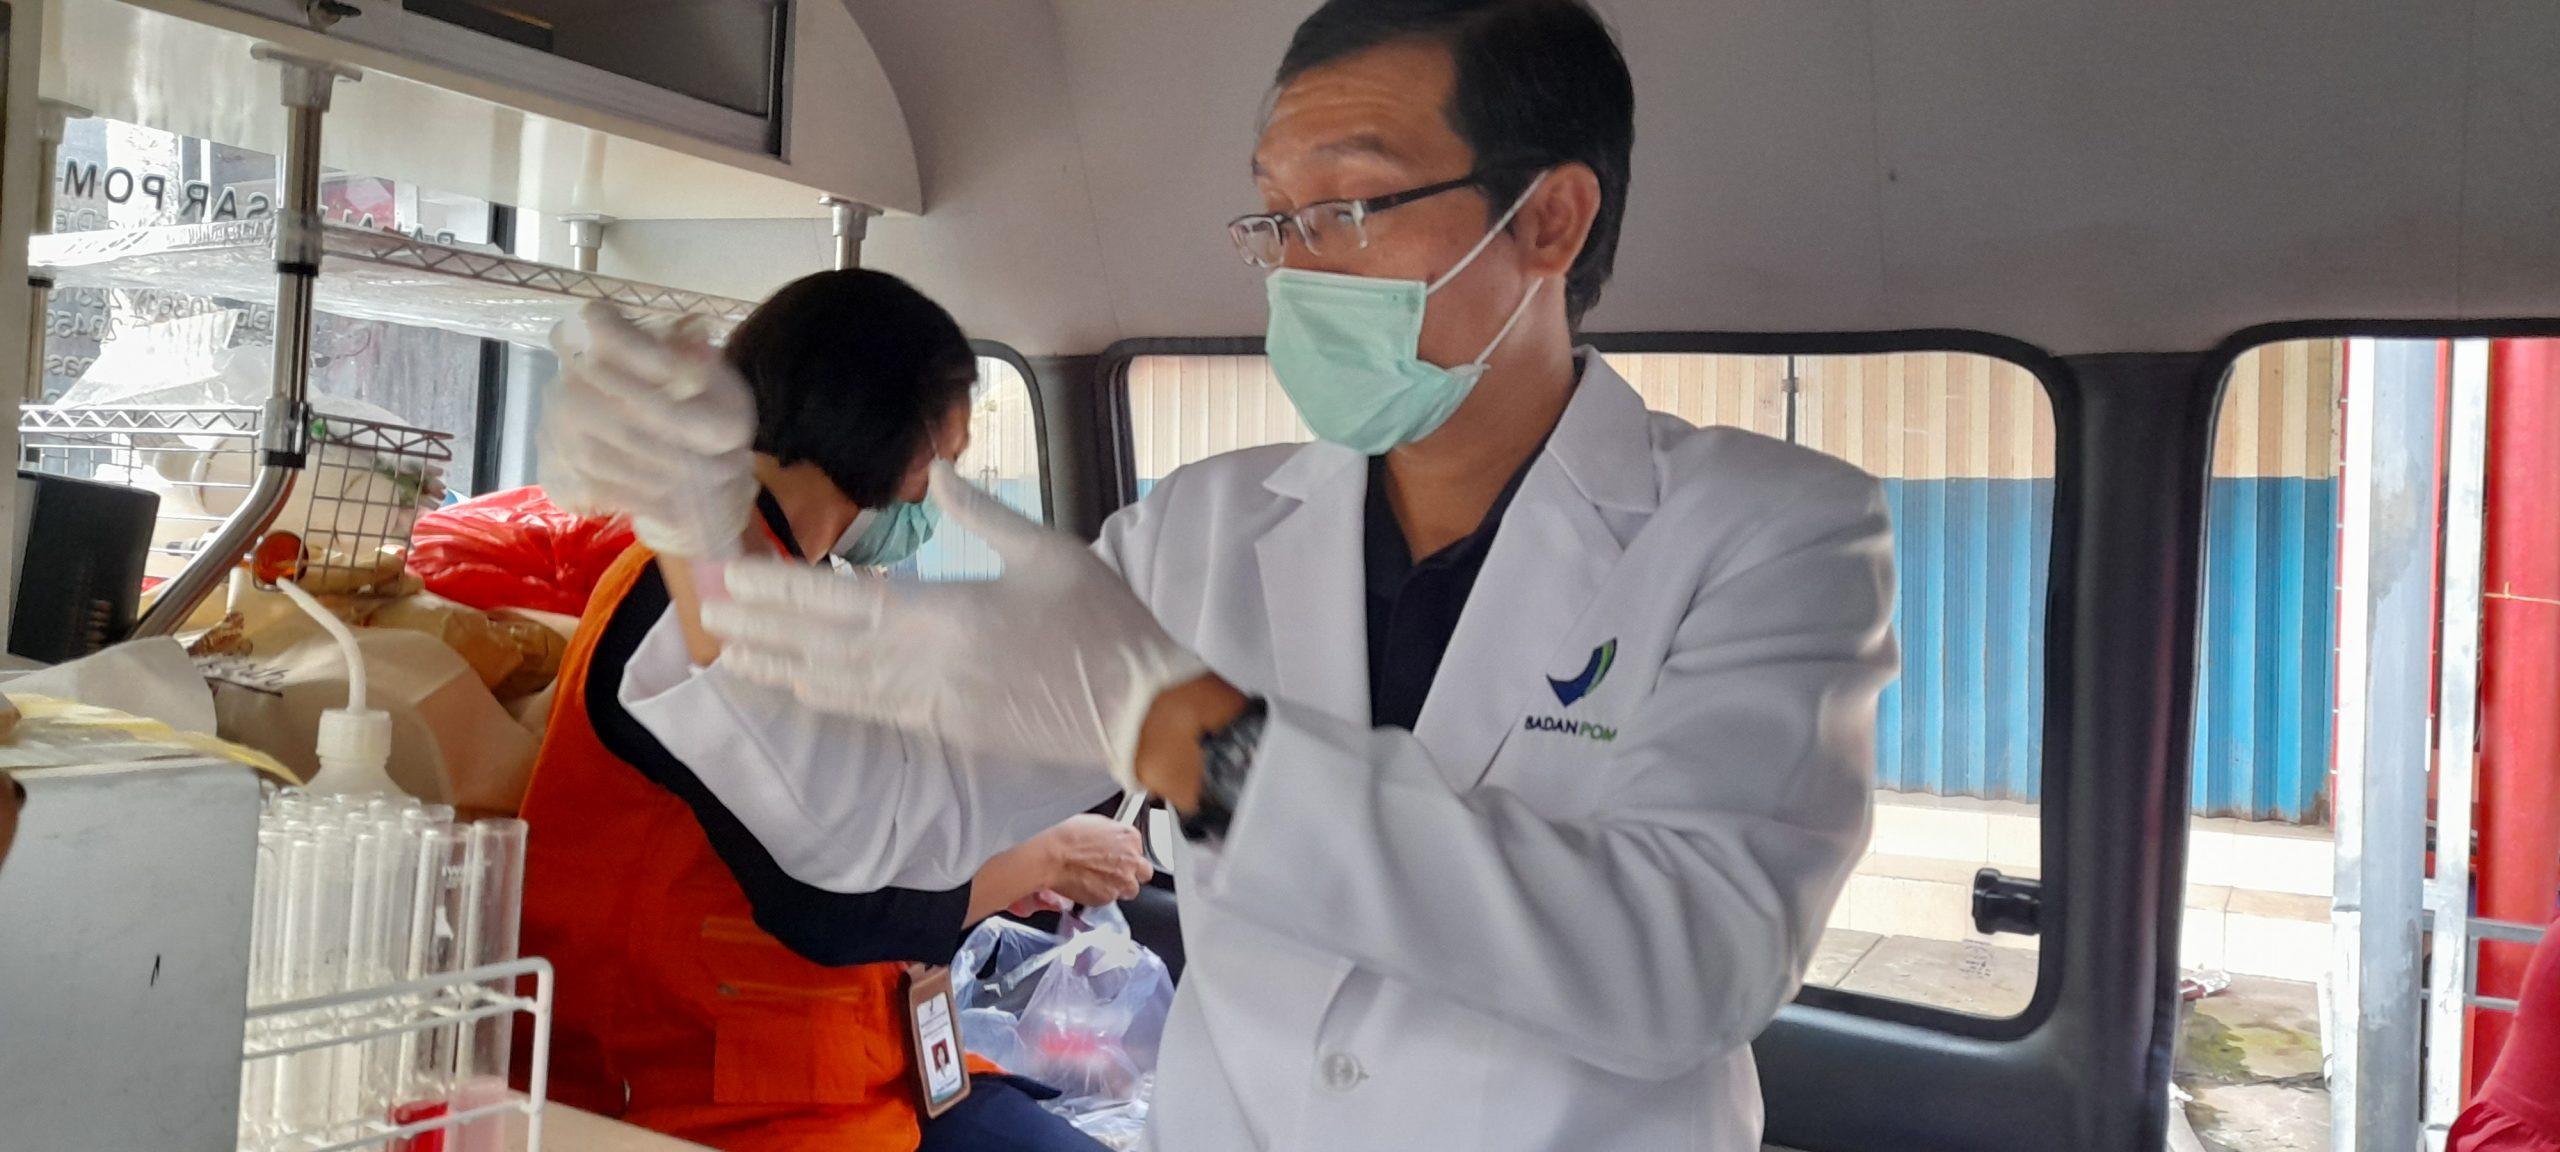 BALAI Besar Pengawasan Obat dan Makanan (BBPOM) Denpasar melakukan sidak takjil di wilayah Bangli, Senin (10/5/2021) sore.